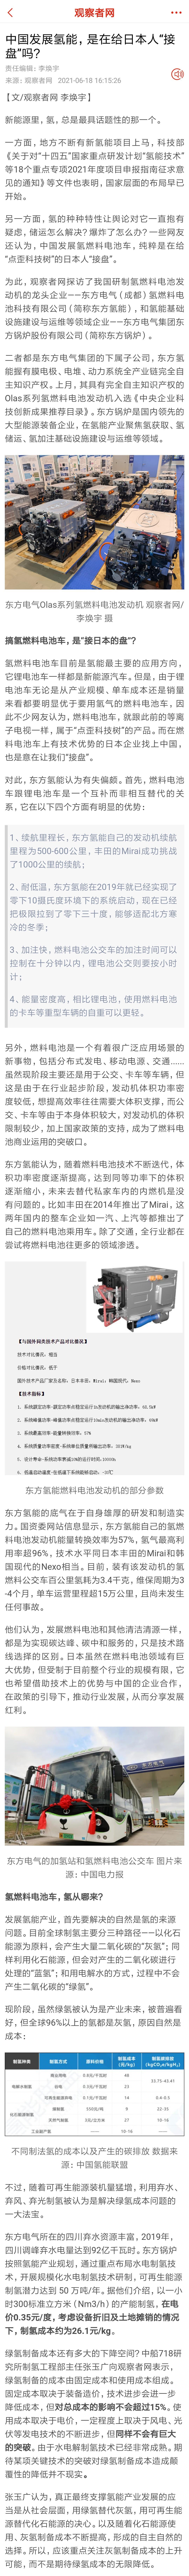 """中国发展氢能,是在给日本人""""接盘""""么?"""